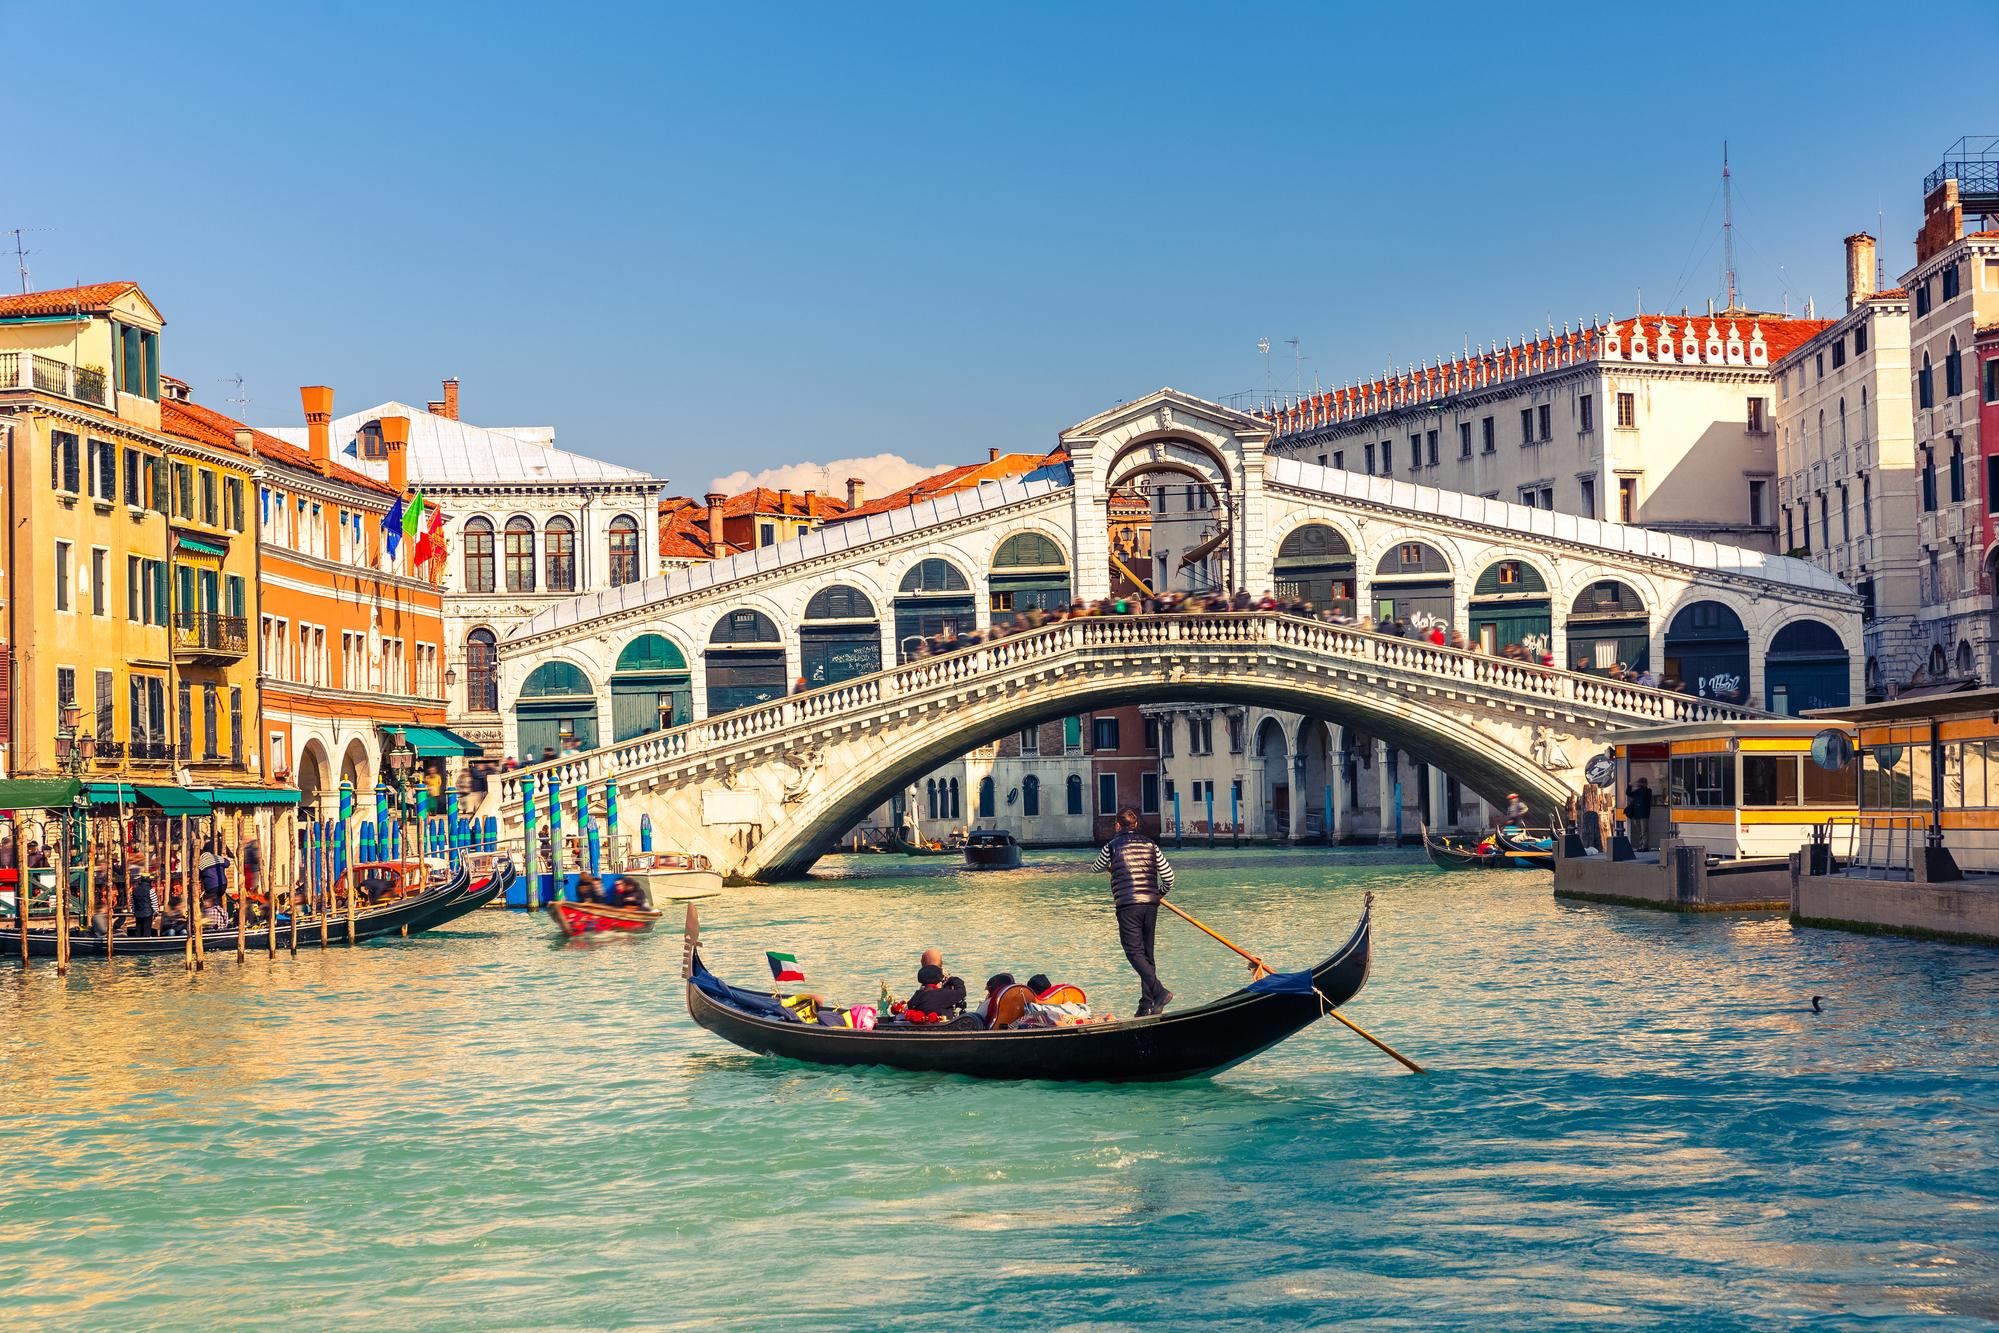 Venise, terriblement touchée par la pandémie, de nouveau accessible aux visiteurs /crédit DepositPhoto